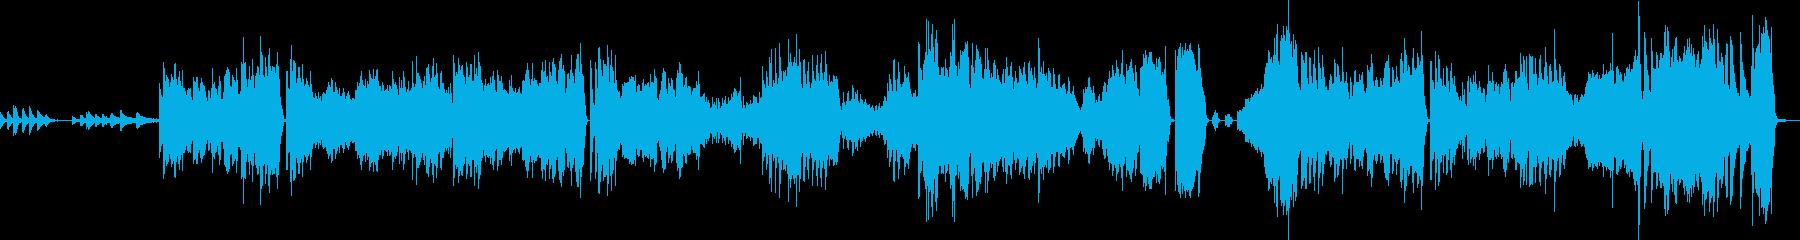 ショパン エチュード Op25 No11の再生済みの波形